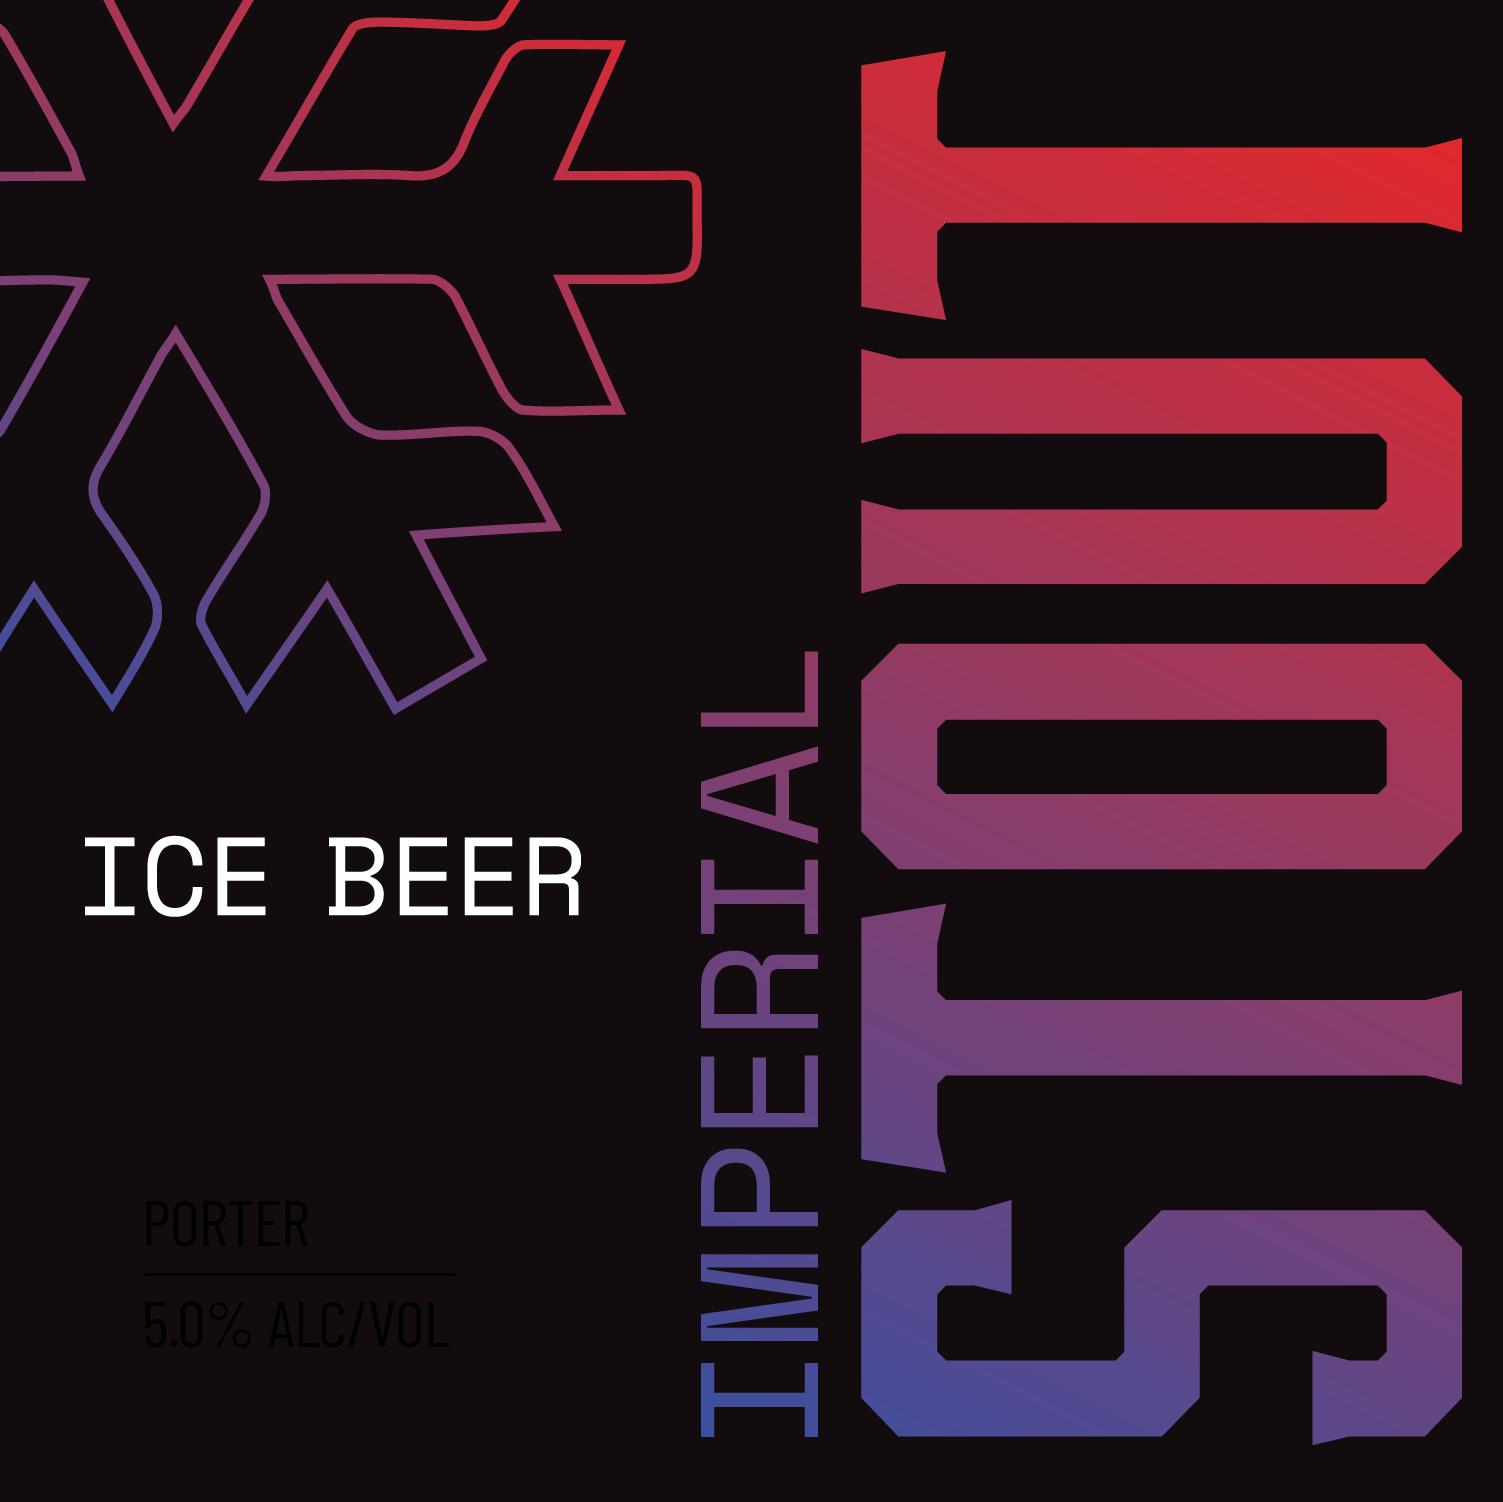 IceBeerStoutWebtile_Square